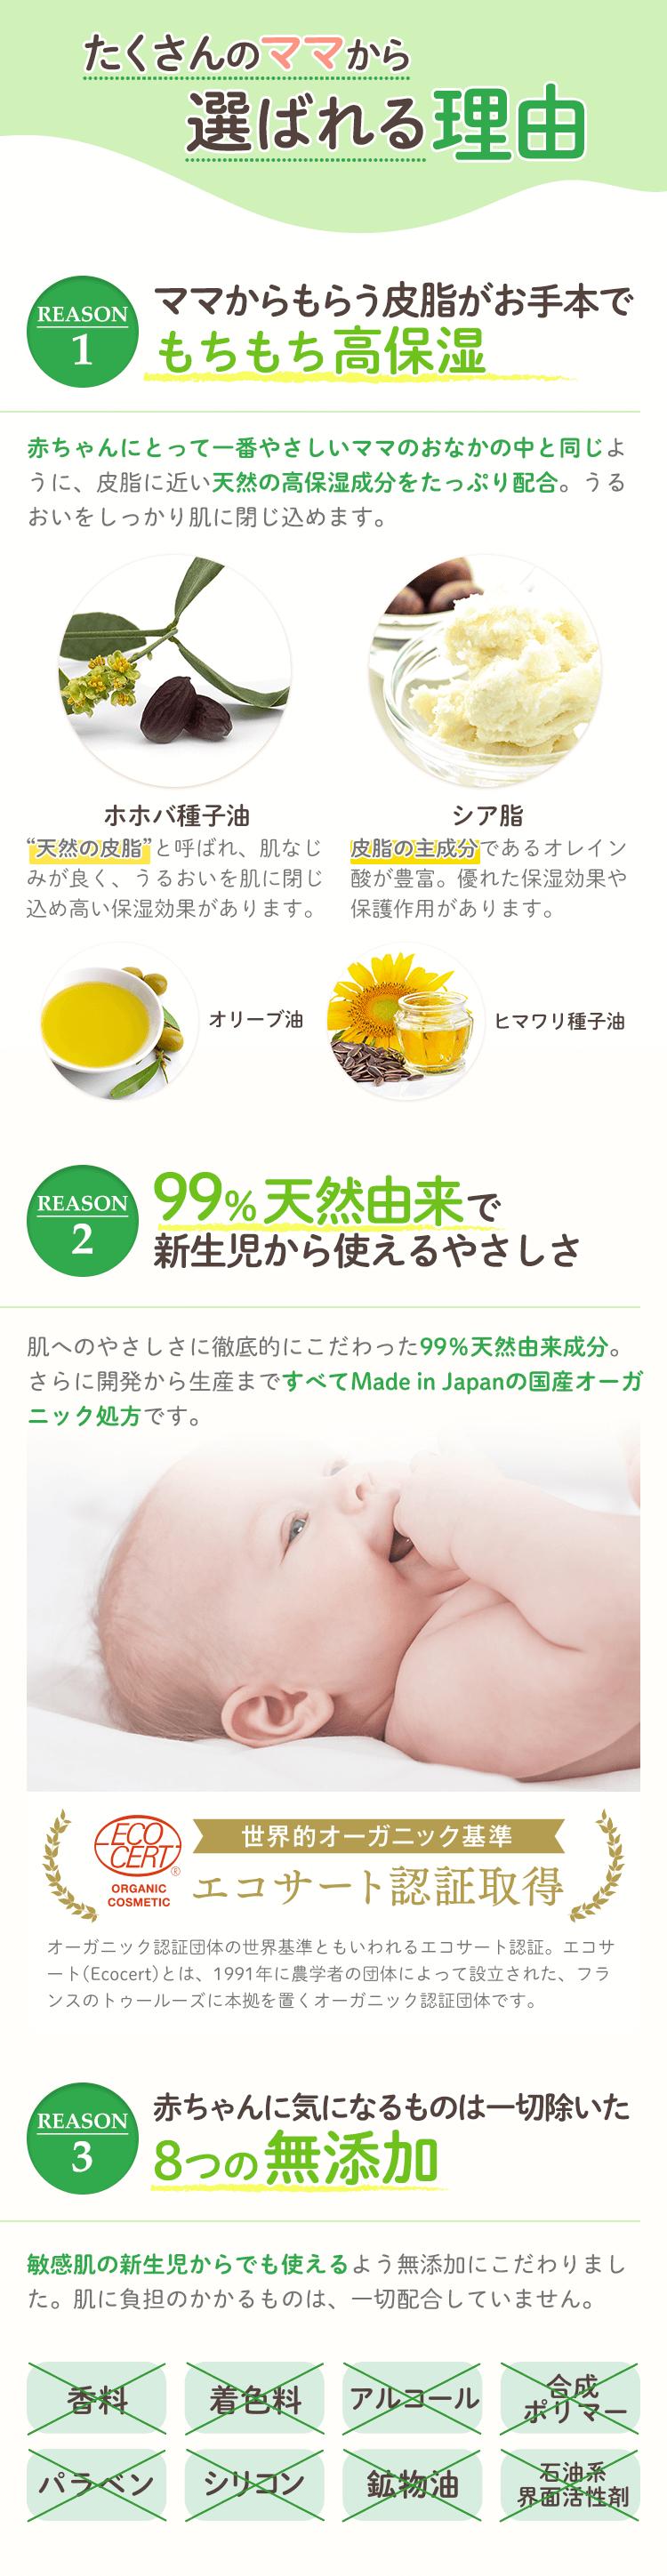 たくさんのママから選ばれる理由 1.ママからもらう皮脂がお手本でもちもち高保湿 2.99%天然由来で新生児から使えるやさしさ 3.赤ちゃんに気になるものは一切除いた8つの無添加